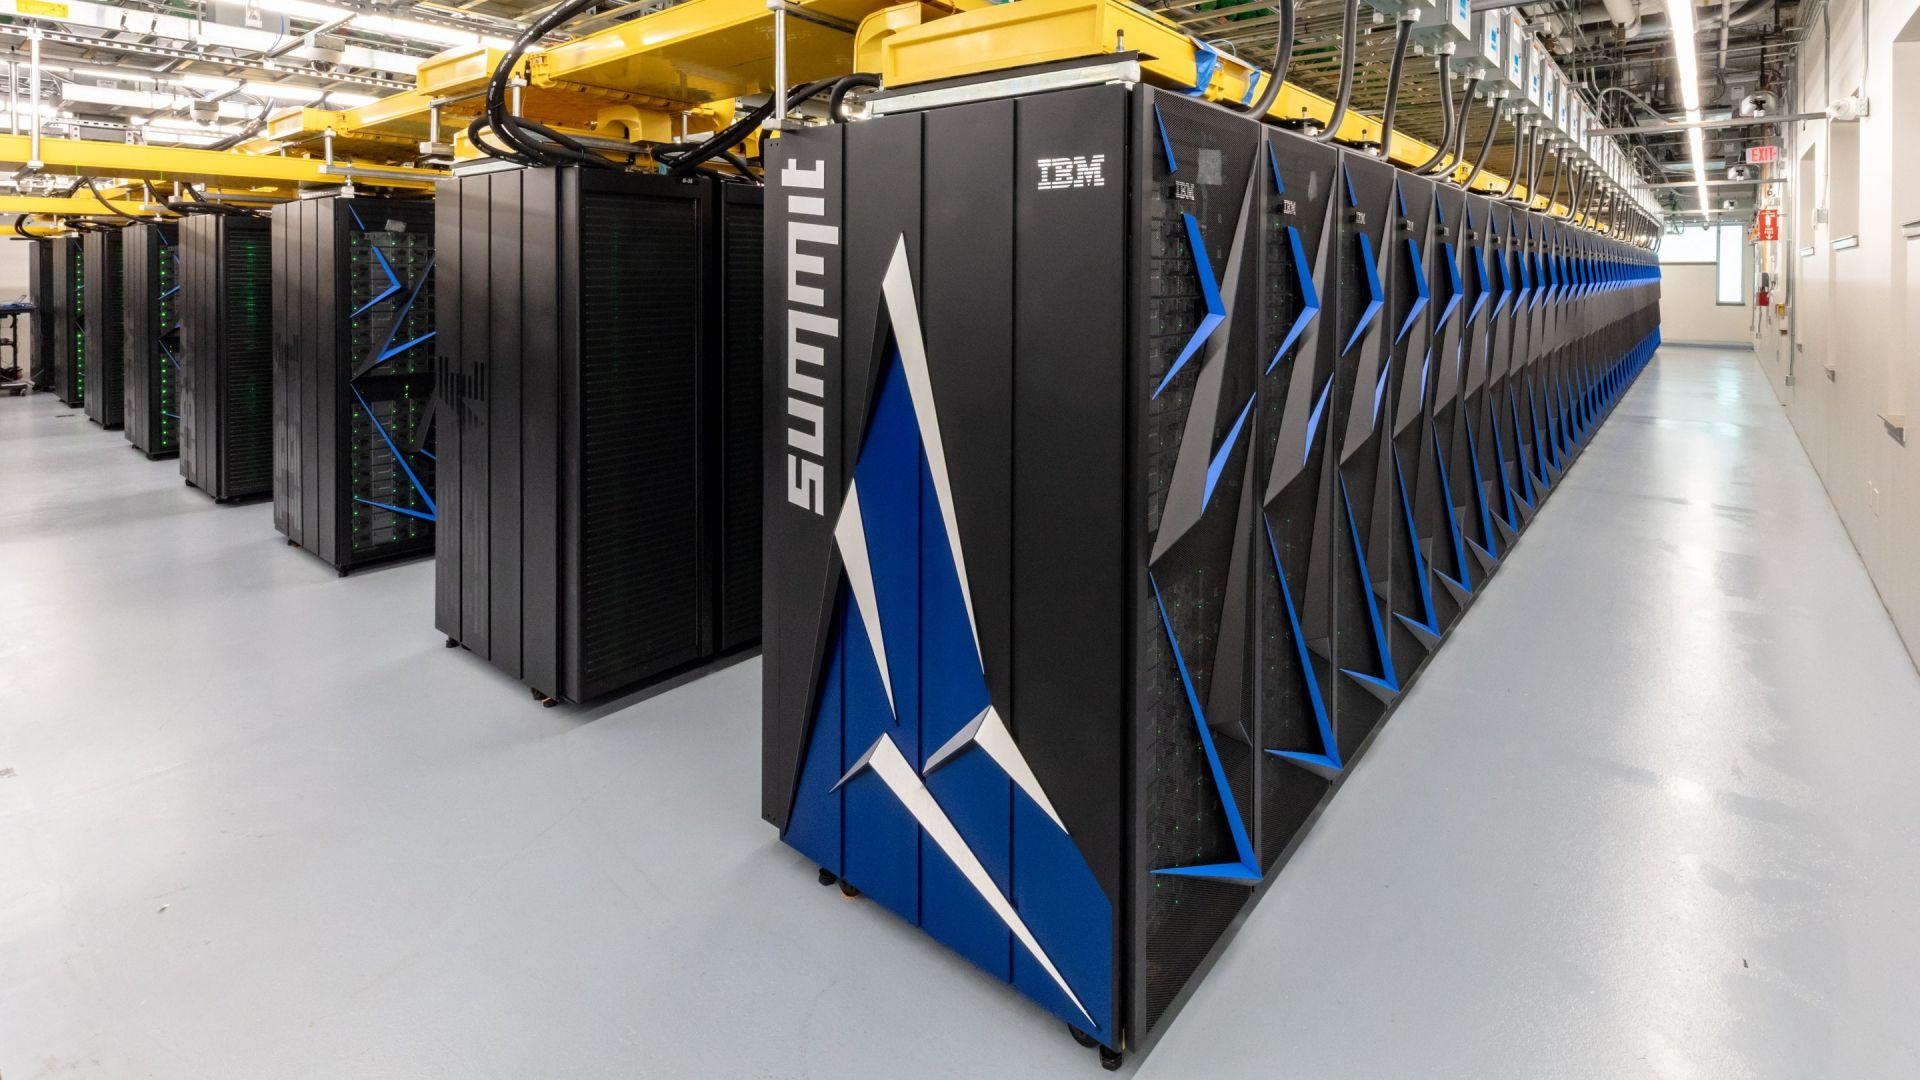 САЩ си връщат лидерството при суперкомпютрите